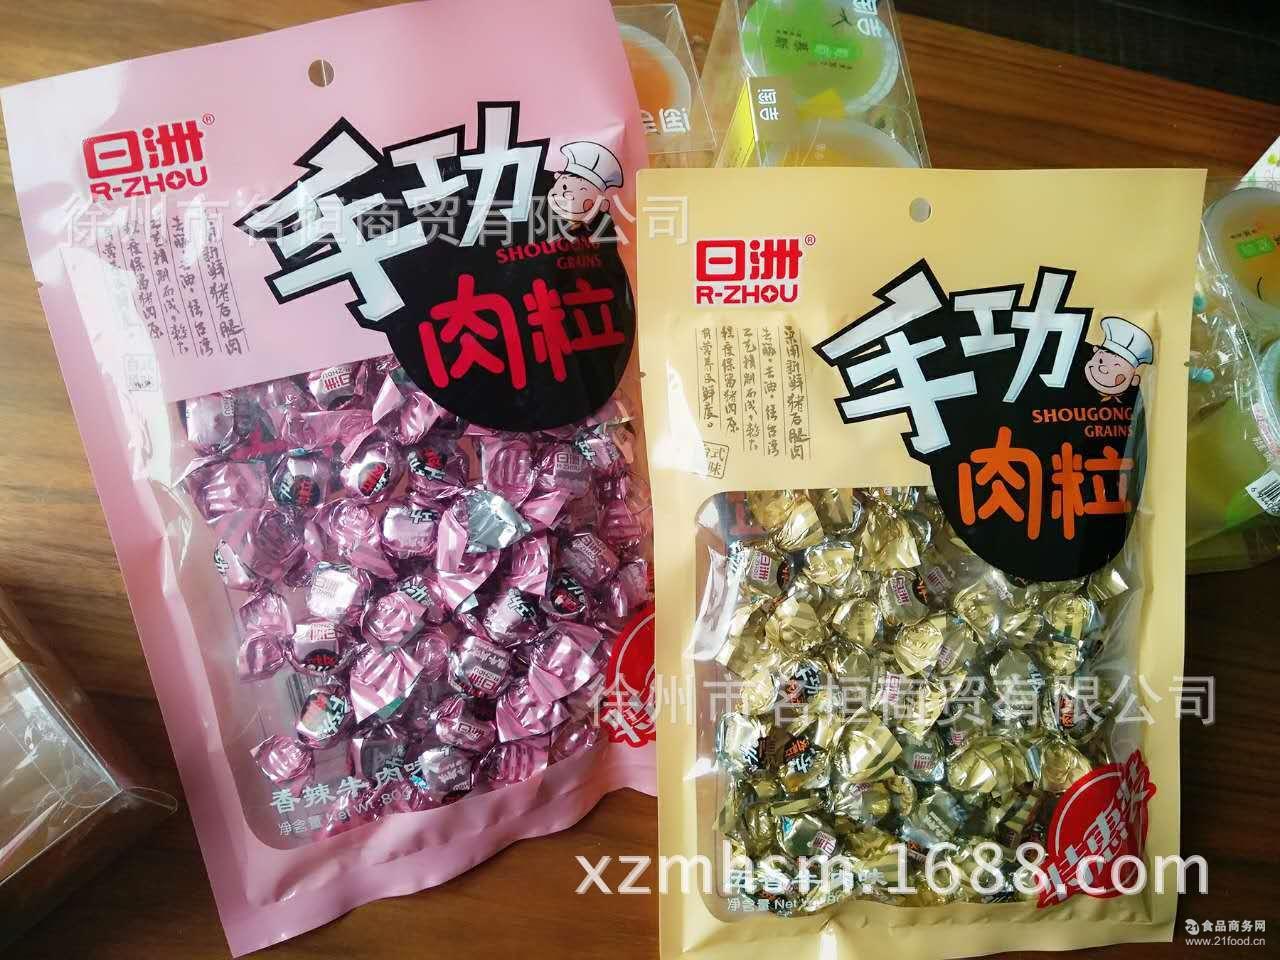 五香 日洲手功肉粒 台式风味秘制零食特产小吃80g 香辣牛肉味 袋